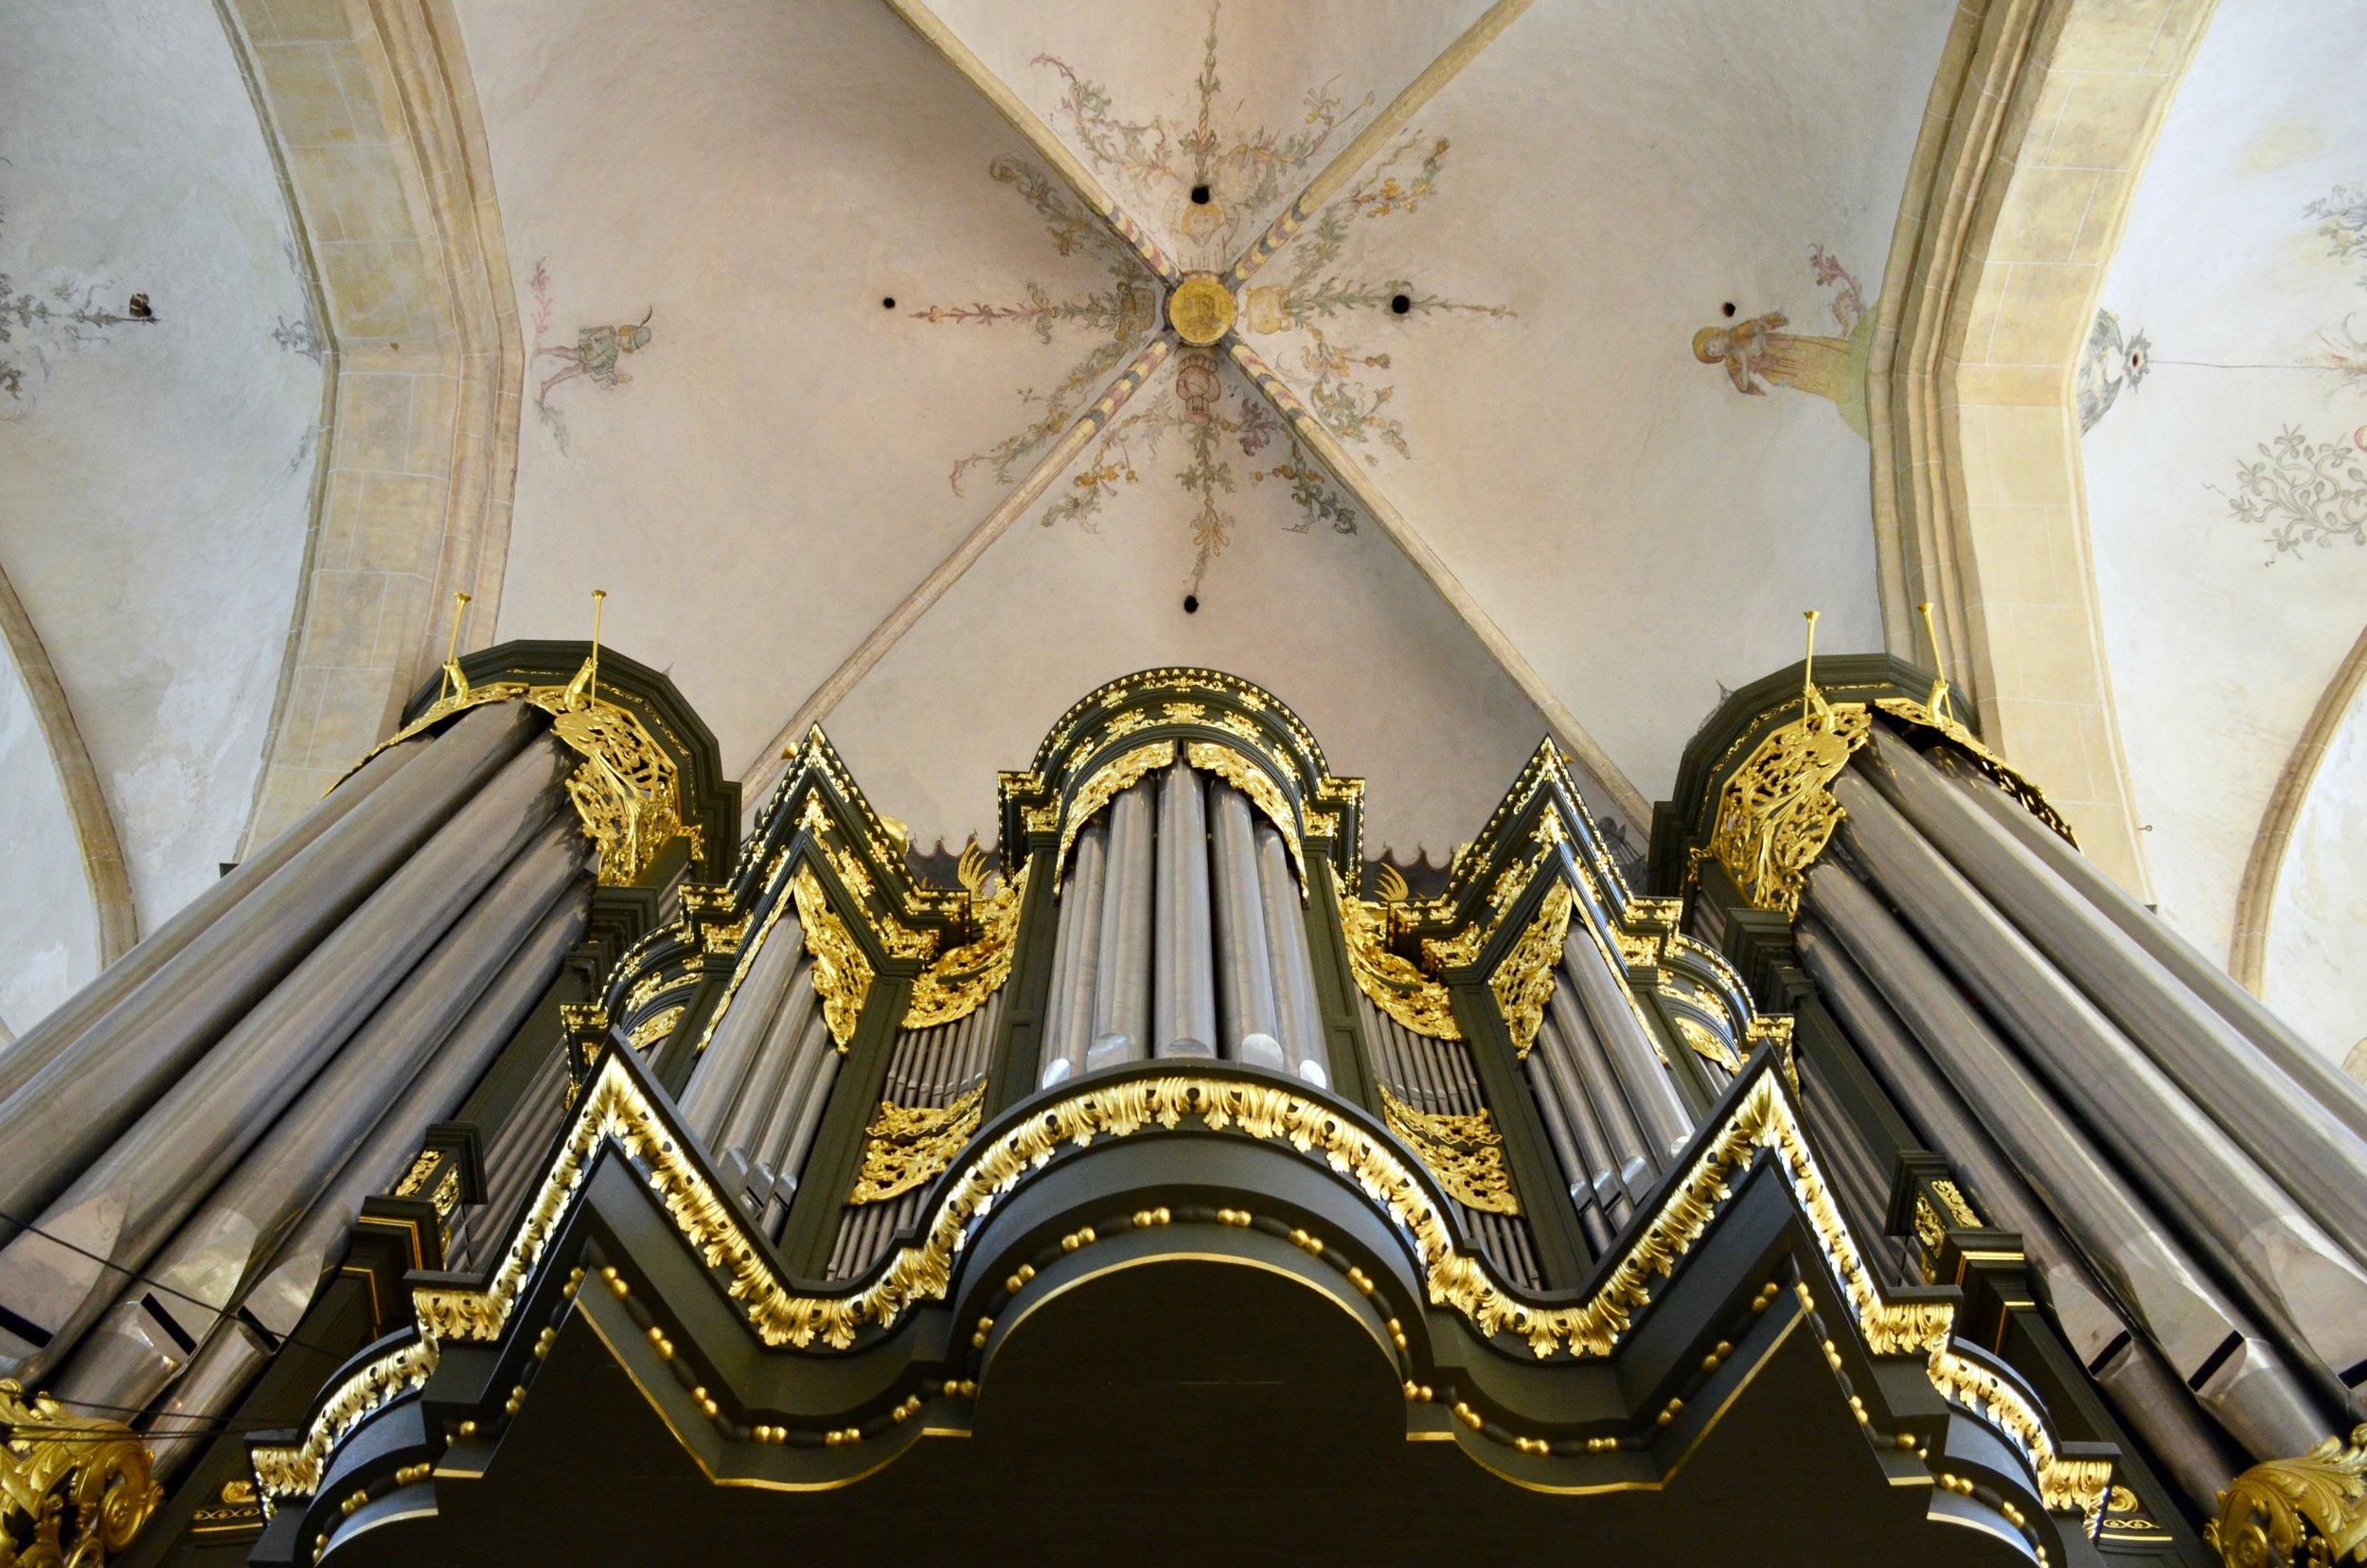 Façade detail, 1692 Arp Schnitger pipe organ, Martinikerk, Groningen.